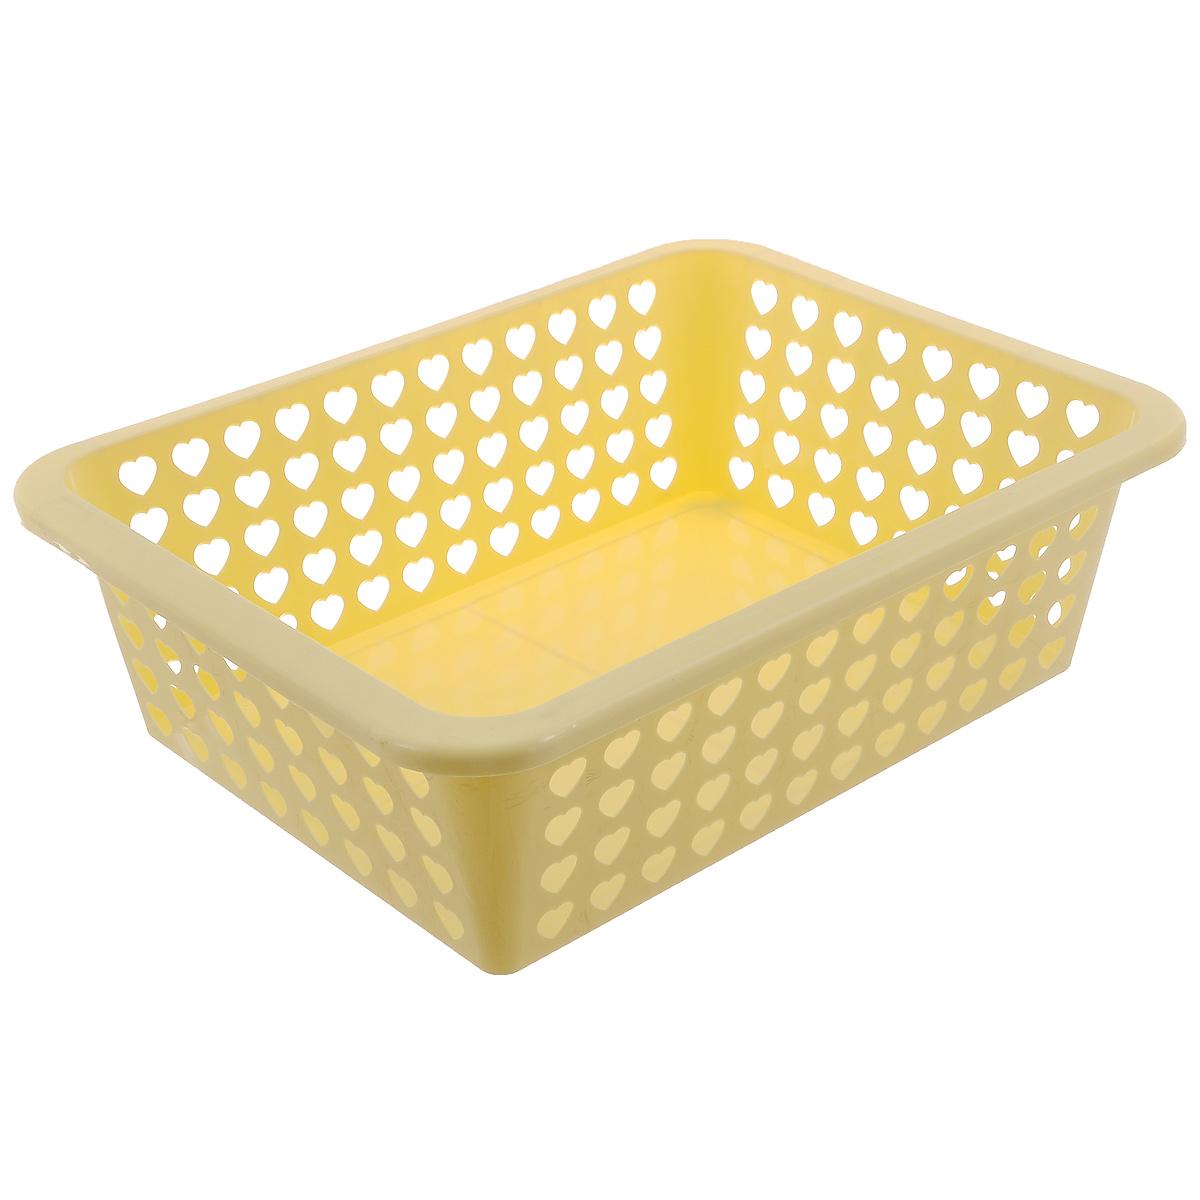 Корзина Альтернатива Вдохновение, цвет: желтый, 39,5 см х 29,7 см х 12 смМ611Корзина Альтернатива Вдохновение выполнена из пластика и оформлена перфорацией в виде сердечек. Изделие имеет сплошное дно и жесткую кромку. Корзина предназначена для хранения мелочей в ванной, на кухне, на даче или в гараже. Позволяет хранить мелкие вещи, исключая возможность их потери.